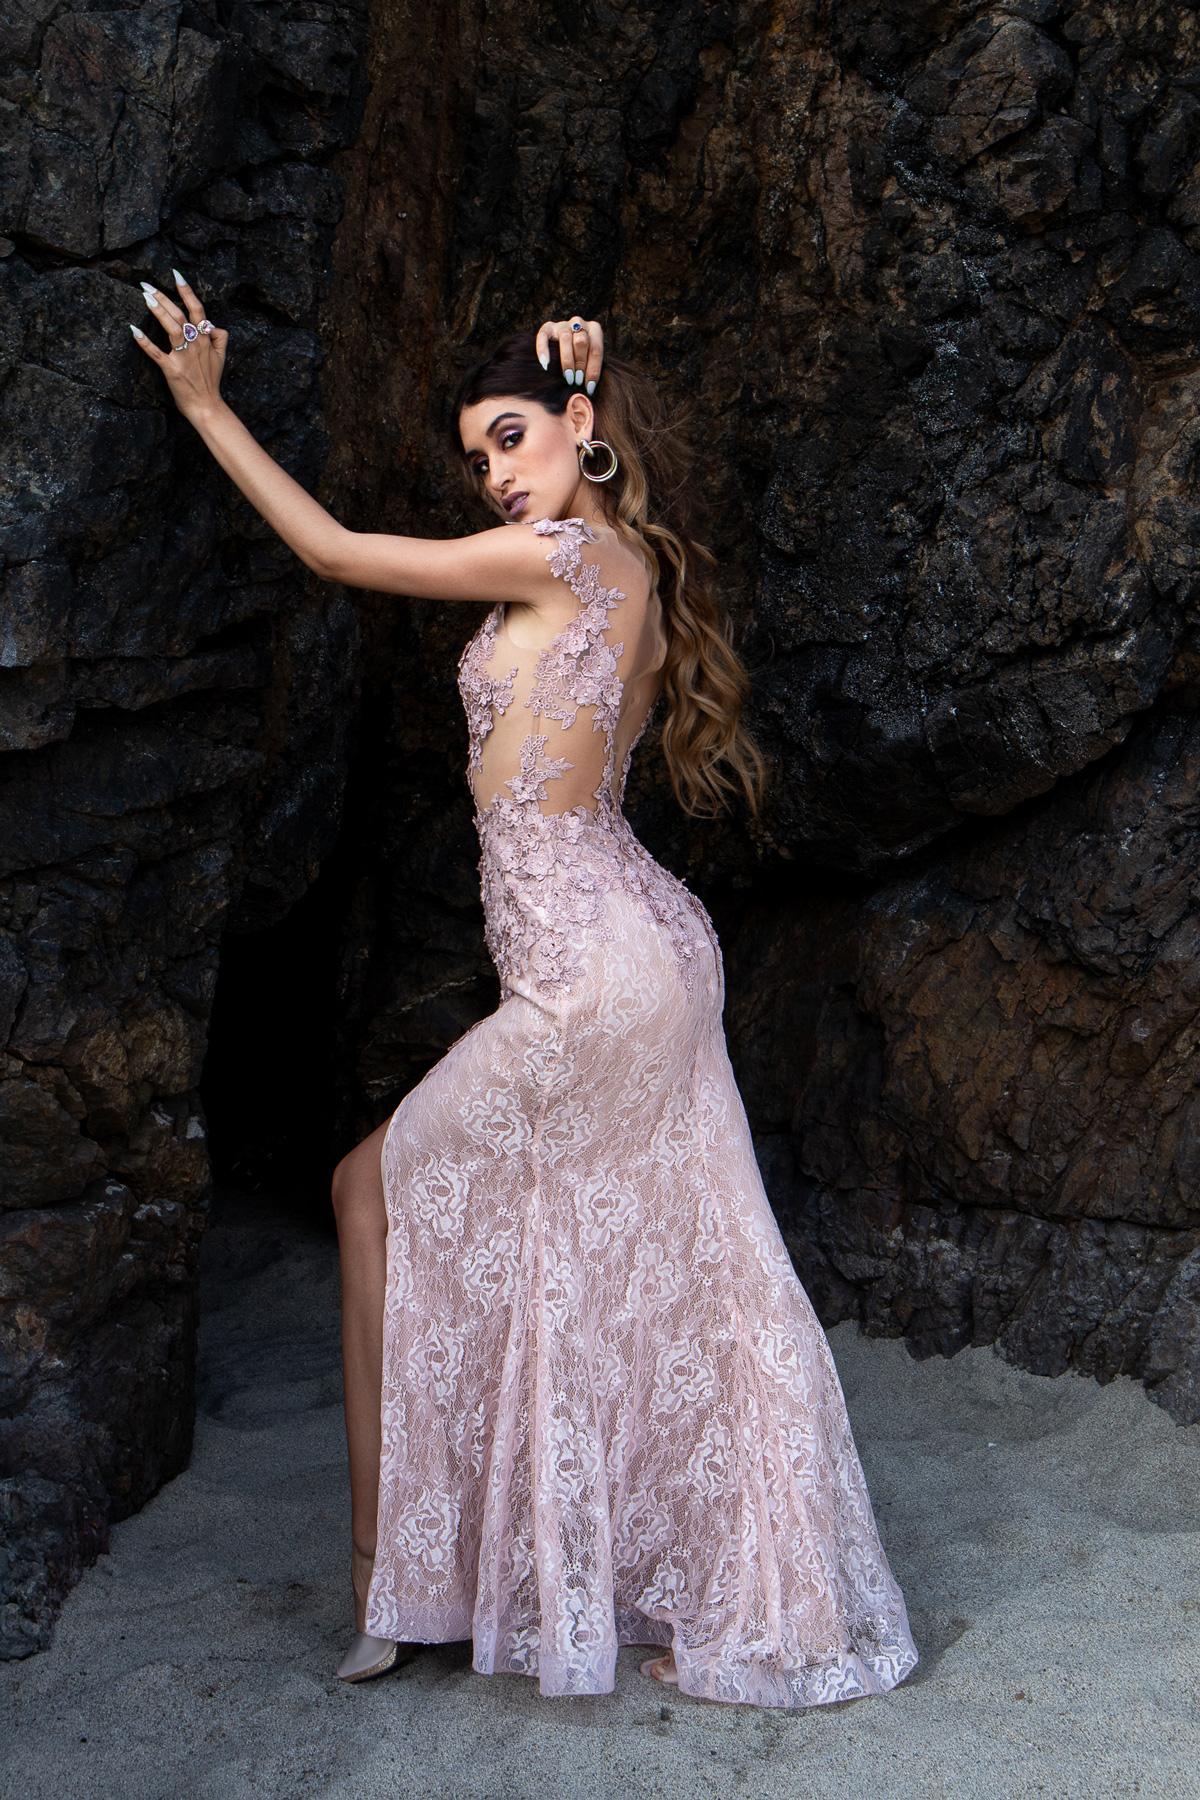 Vestidos de prom Jason Leon diseñador peruano delilac (1)